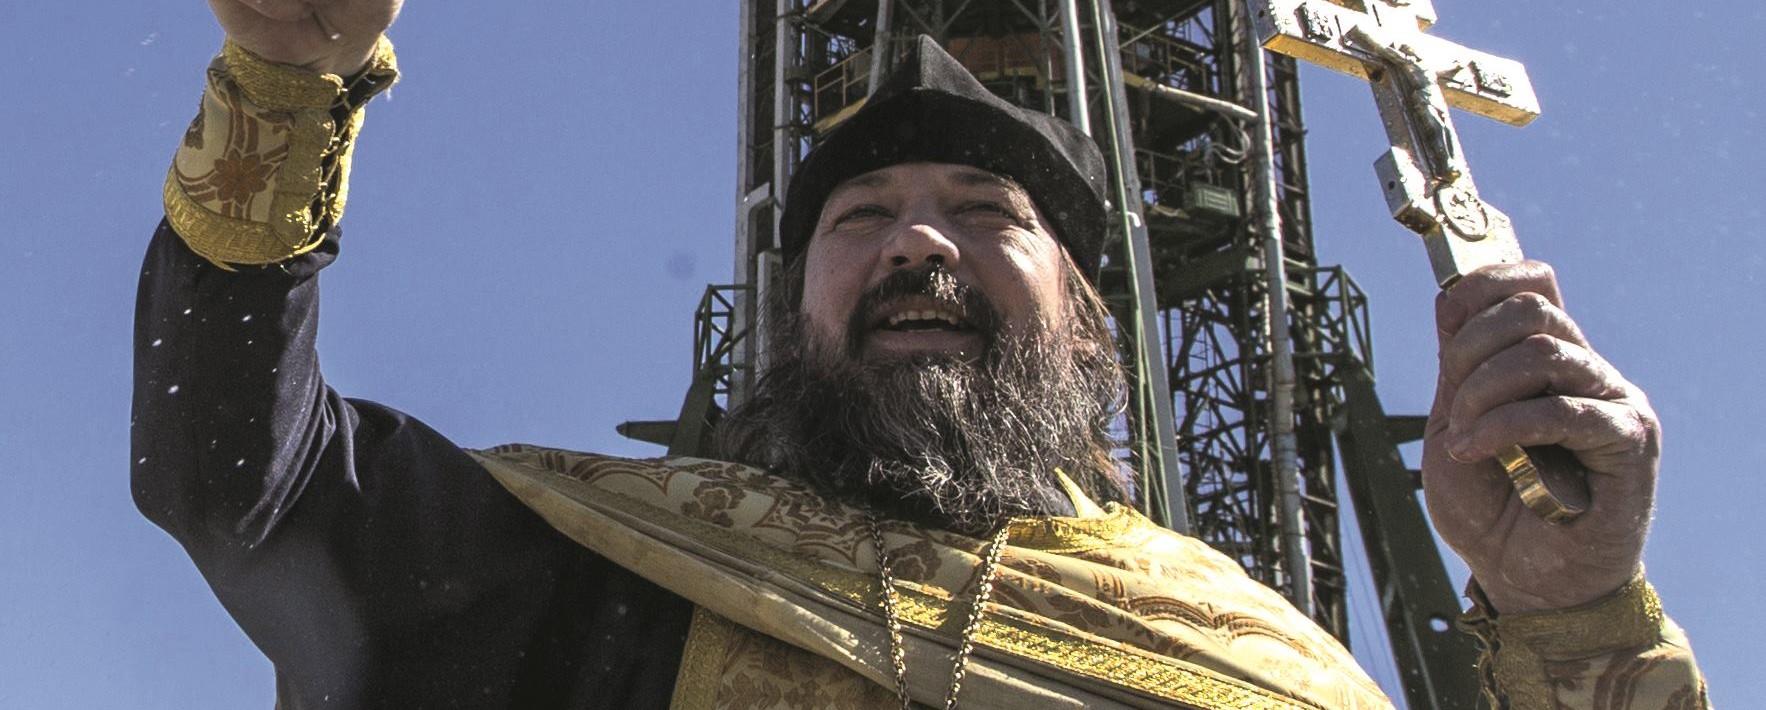 VIDEO: Pogledajmo proslavu pravoslavnog Božića